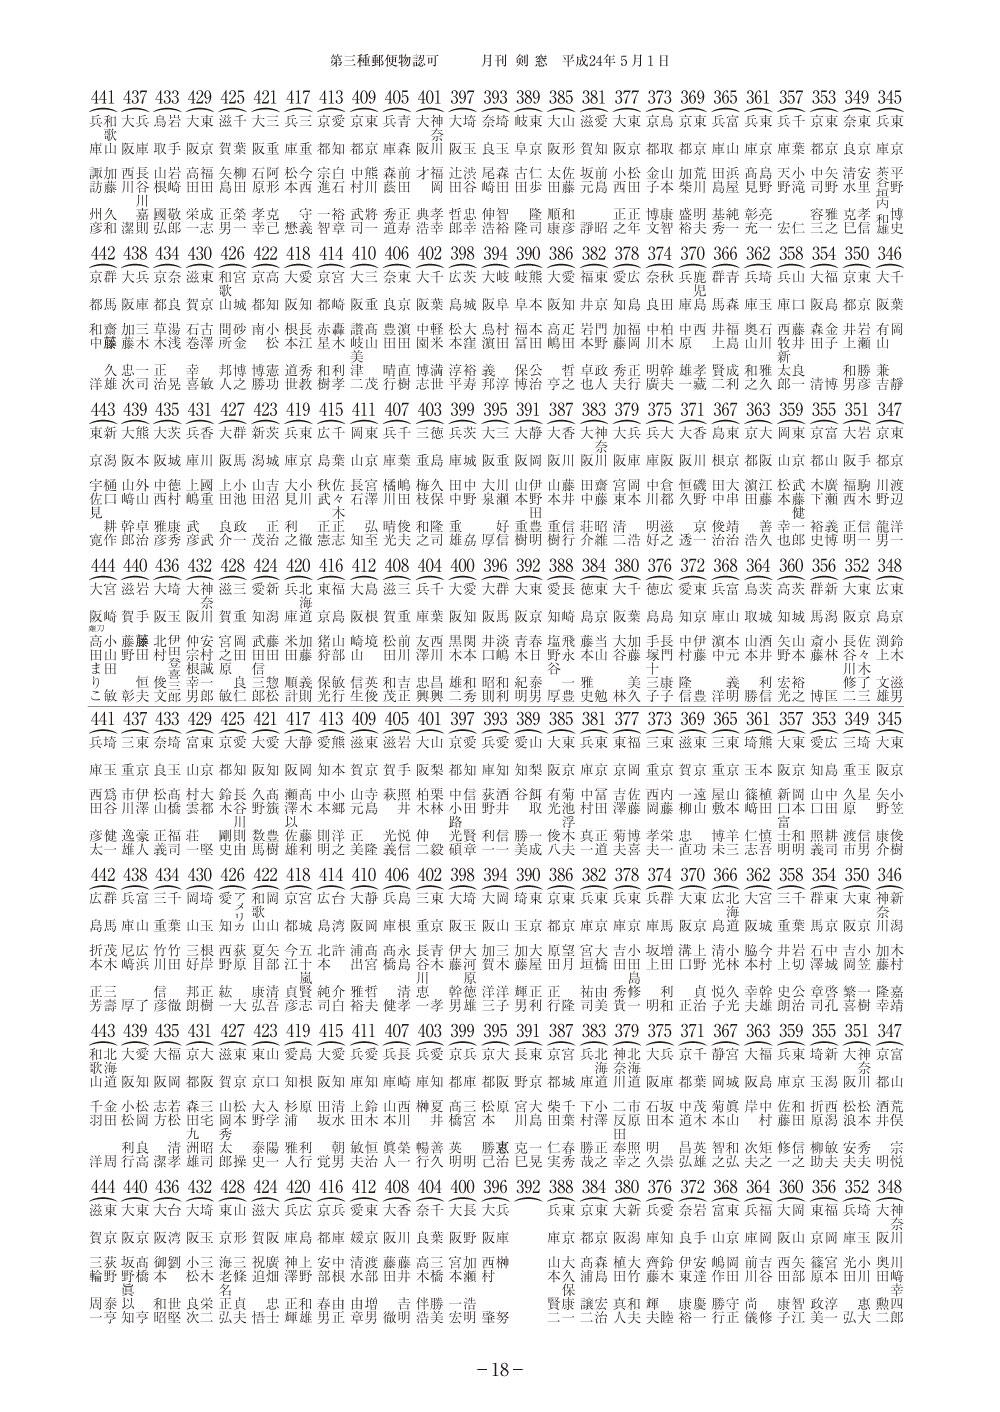 第108回全日本剣道演武大会(剣道)組合せ_005